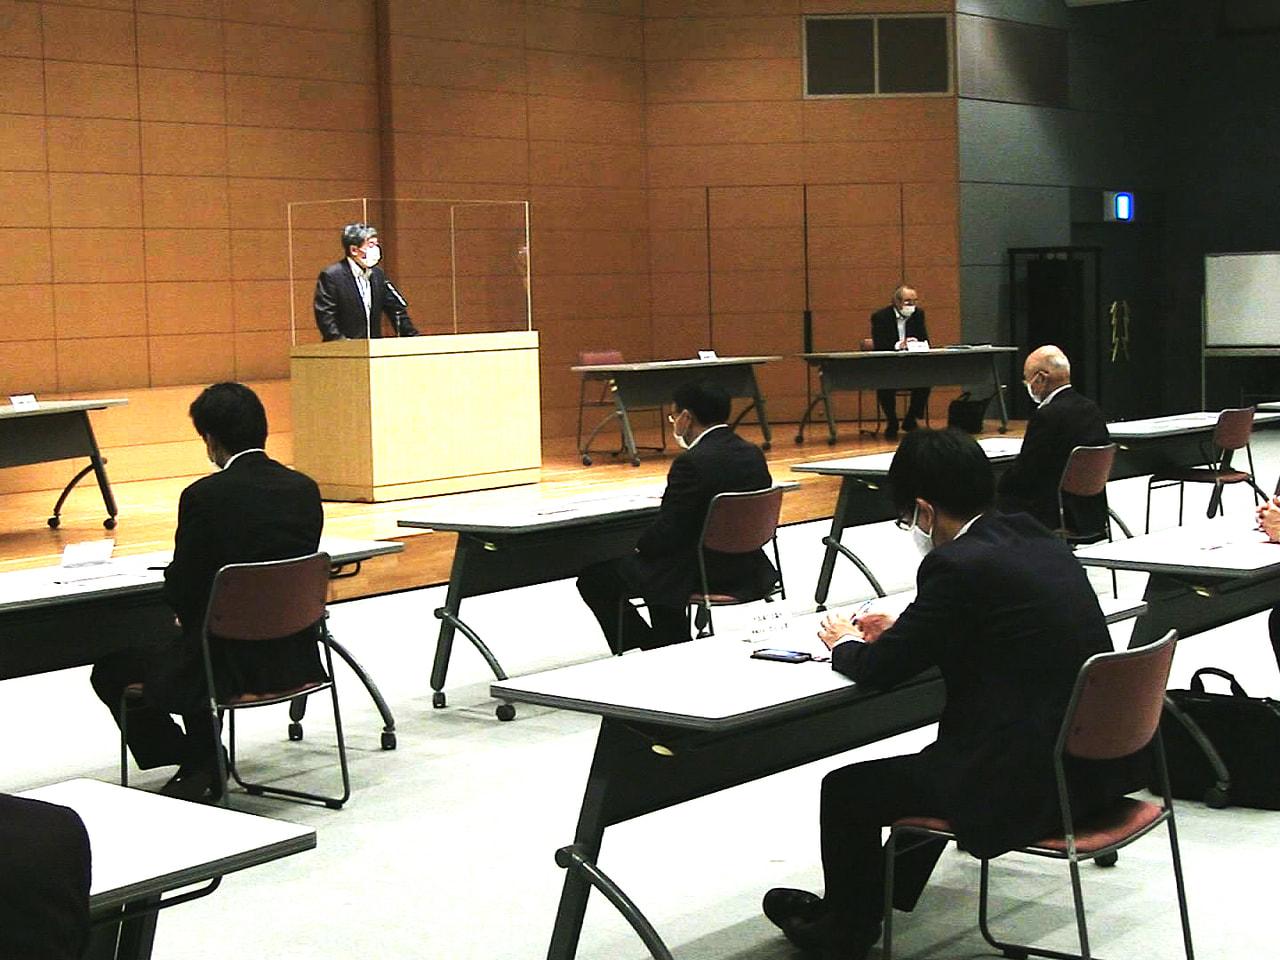 ソフトボールの日本リーグ女子1部、大垣ミナモソフトボールクラブを運営する法人の定...